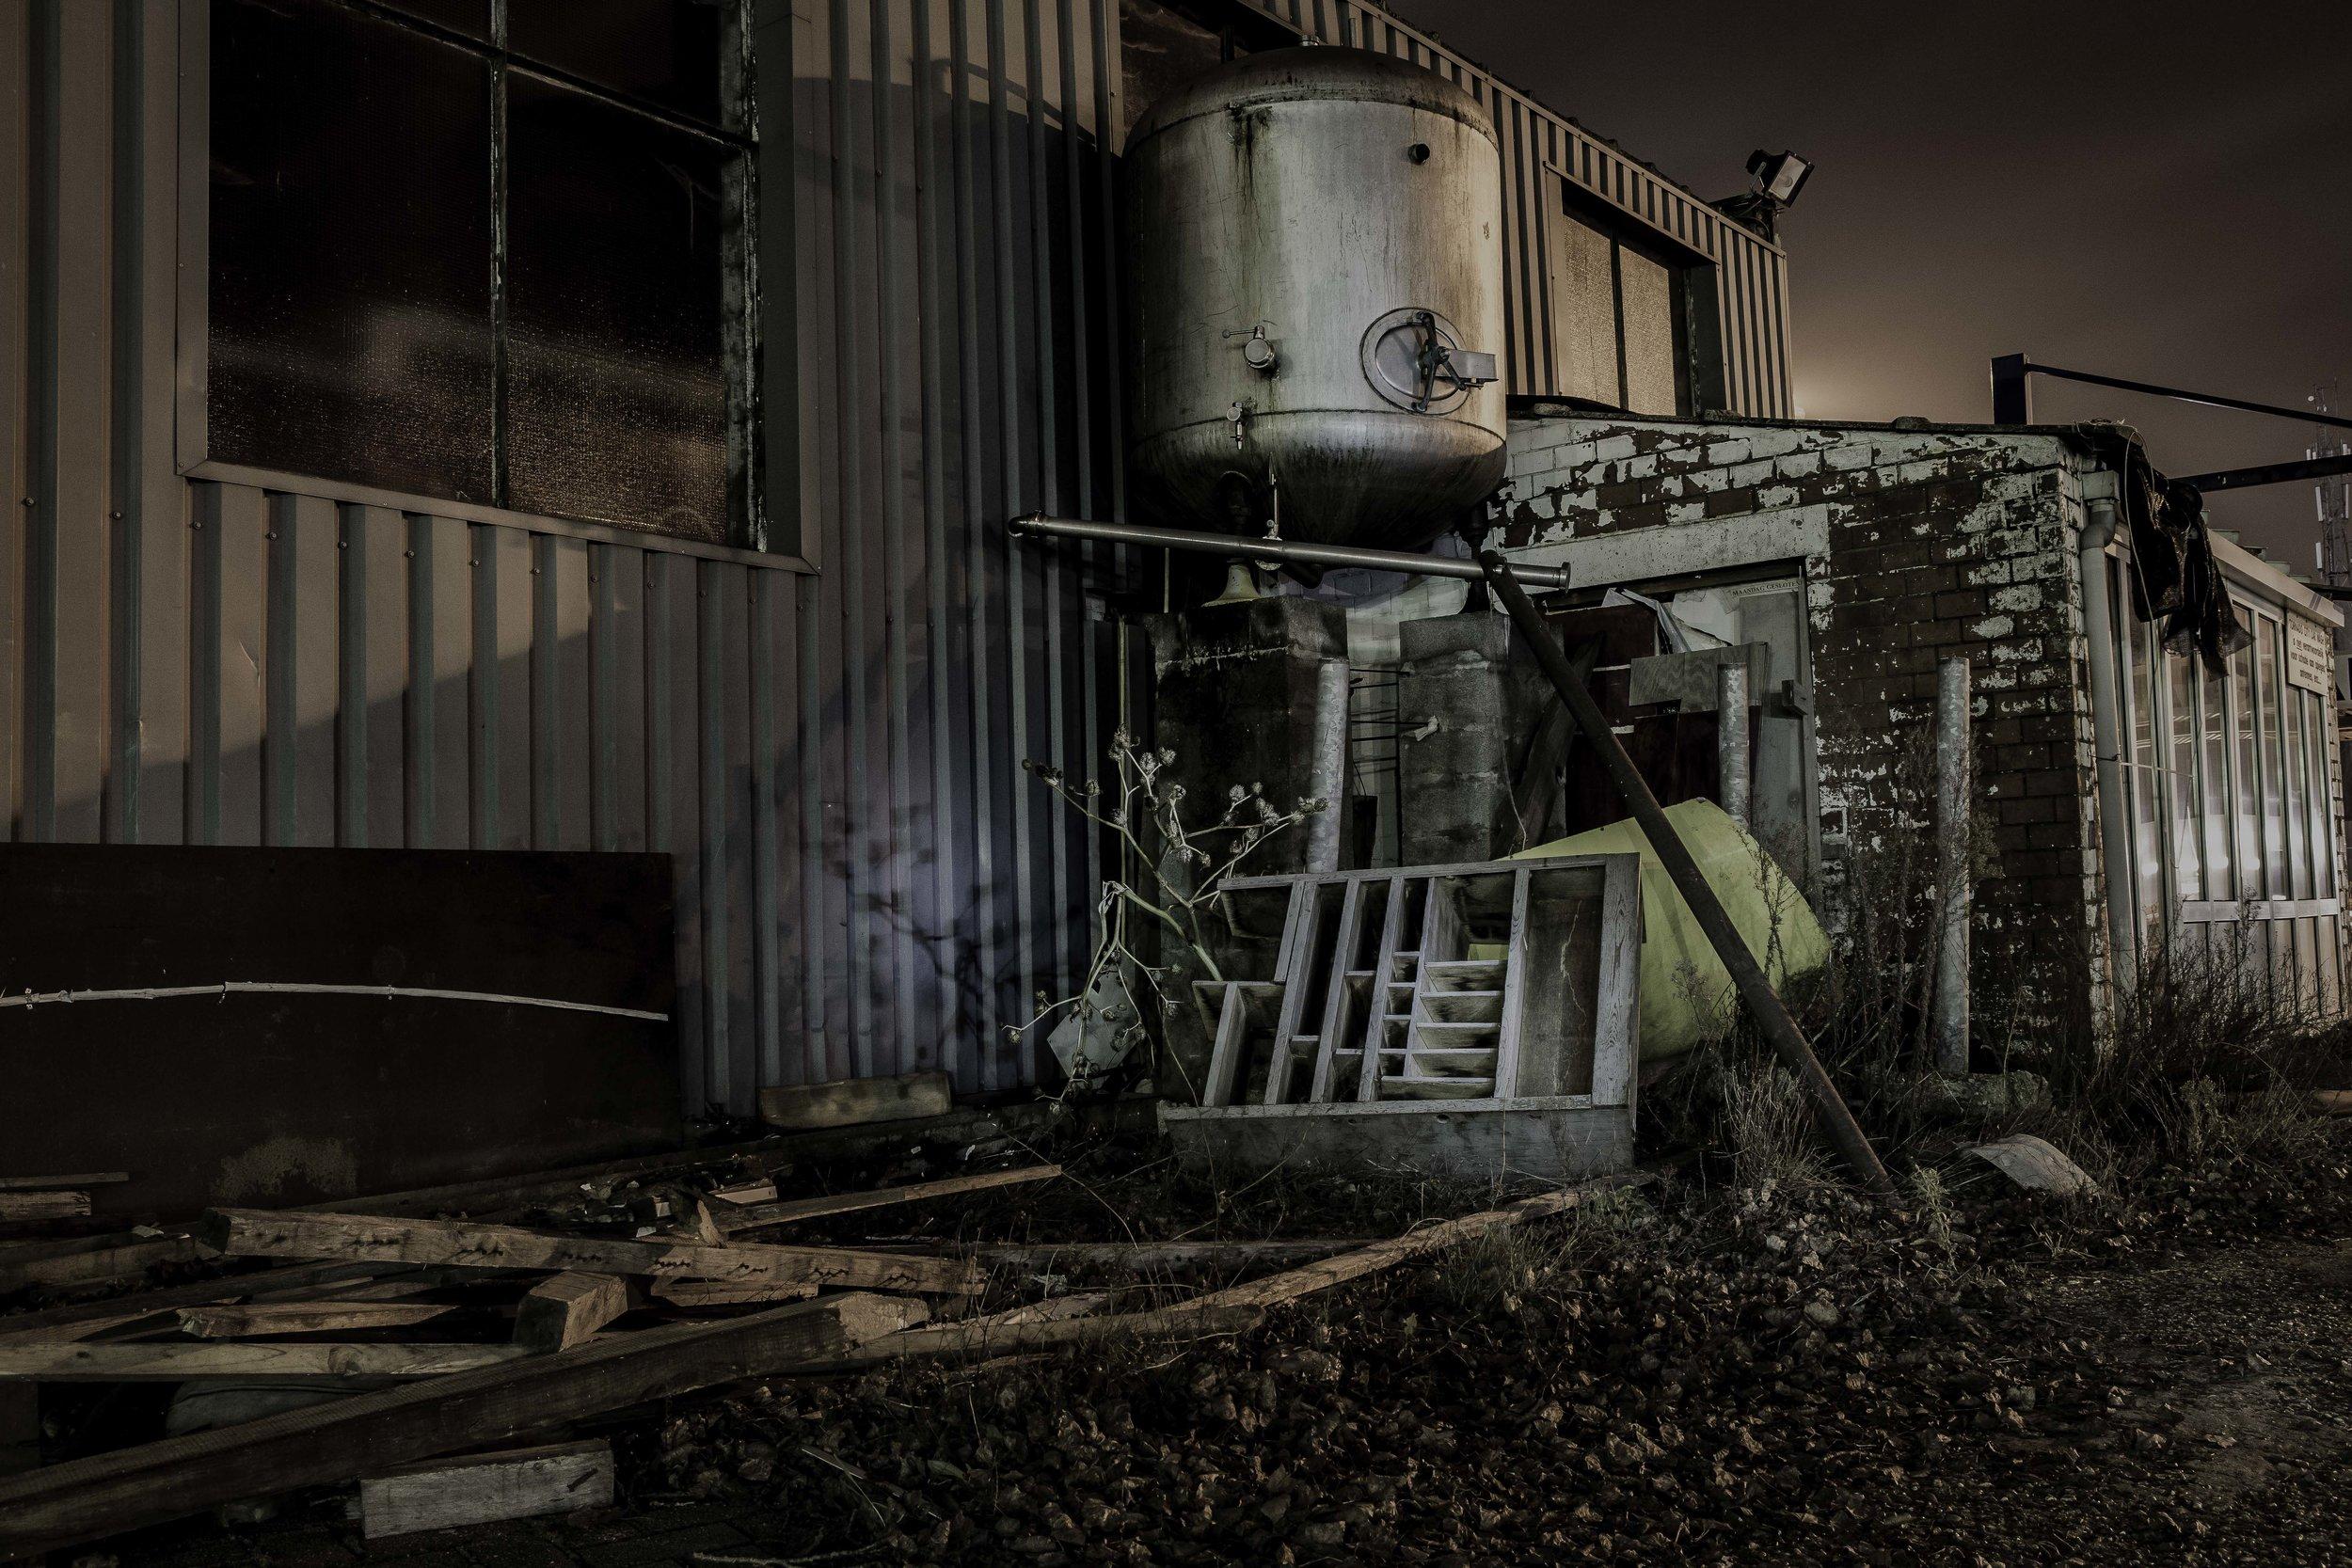 viewfinder-creativeboody-sven-van-santvliet-urbexfotografie-antwerpen-nachtfotografie-avondfotografie-verlaten-gebouwen